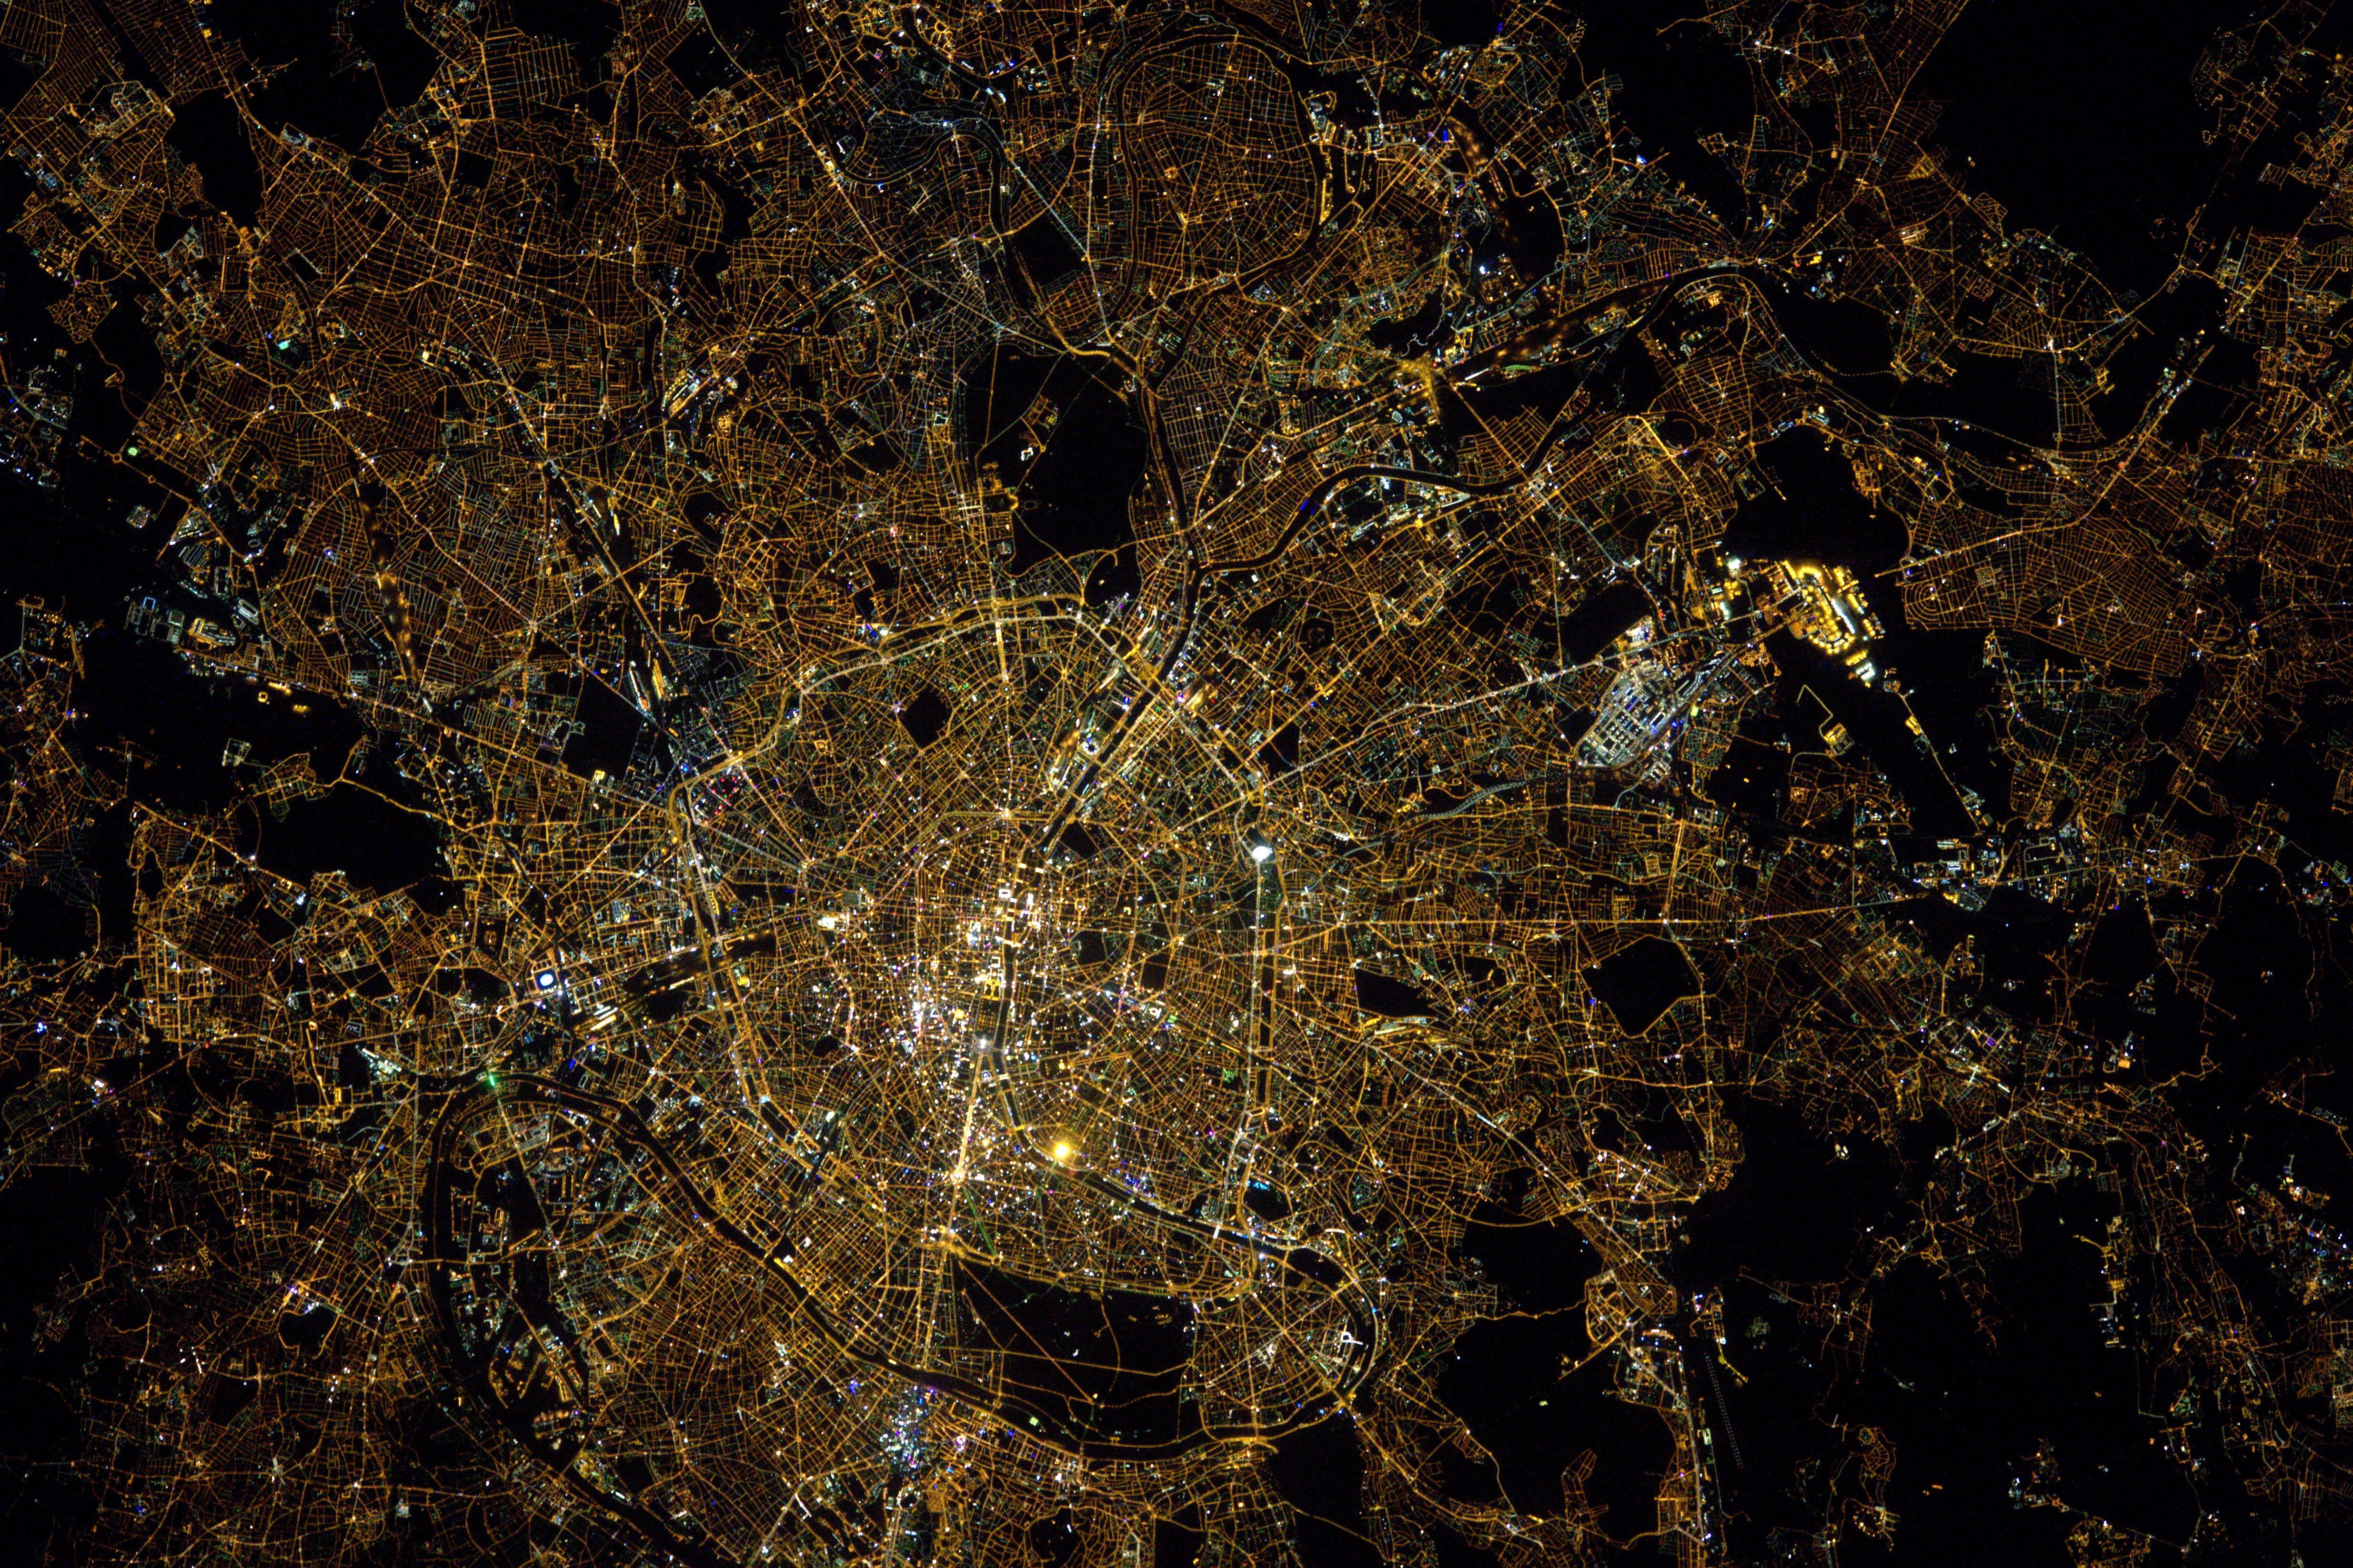 Thomas pesquet astronaute fran ais sur l 39 iss paris for Iss espace vert